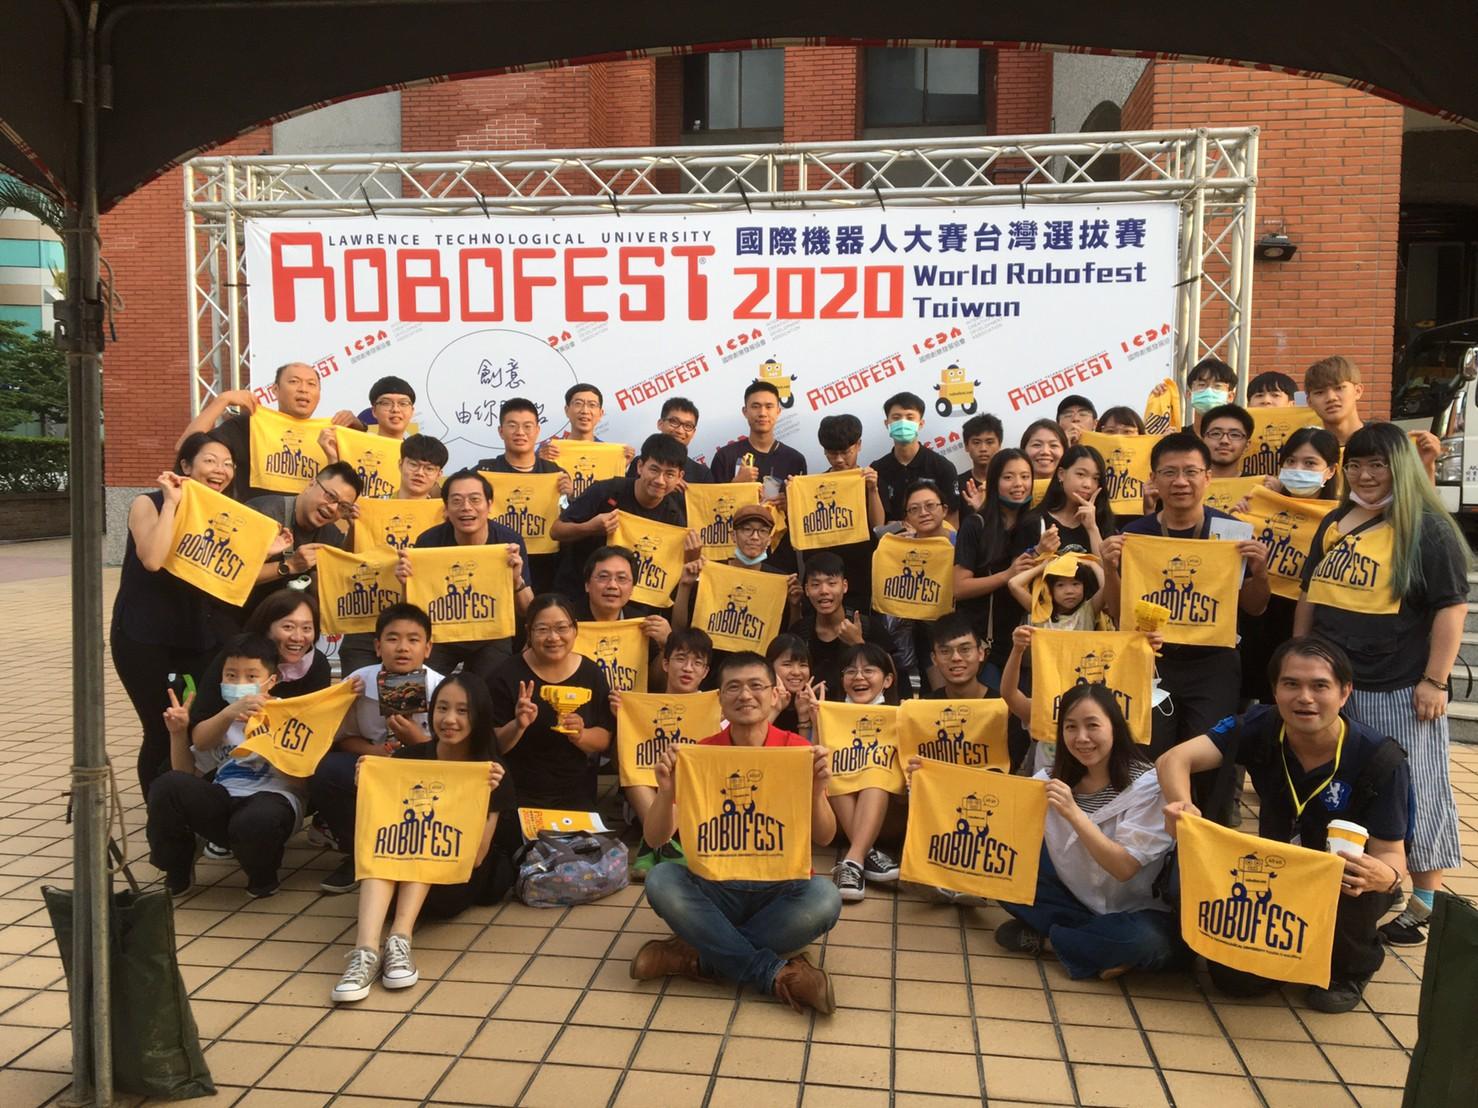 Robofest國際機器人大賽台灣選拔賽合照